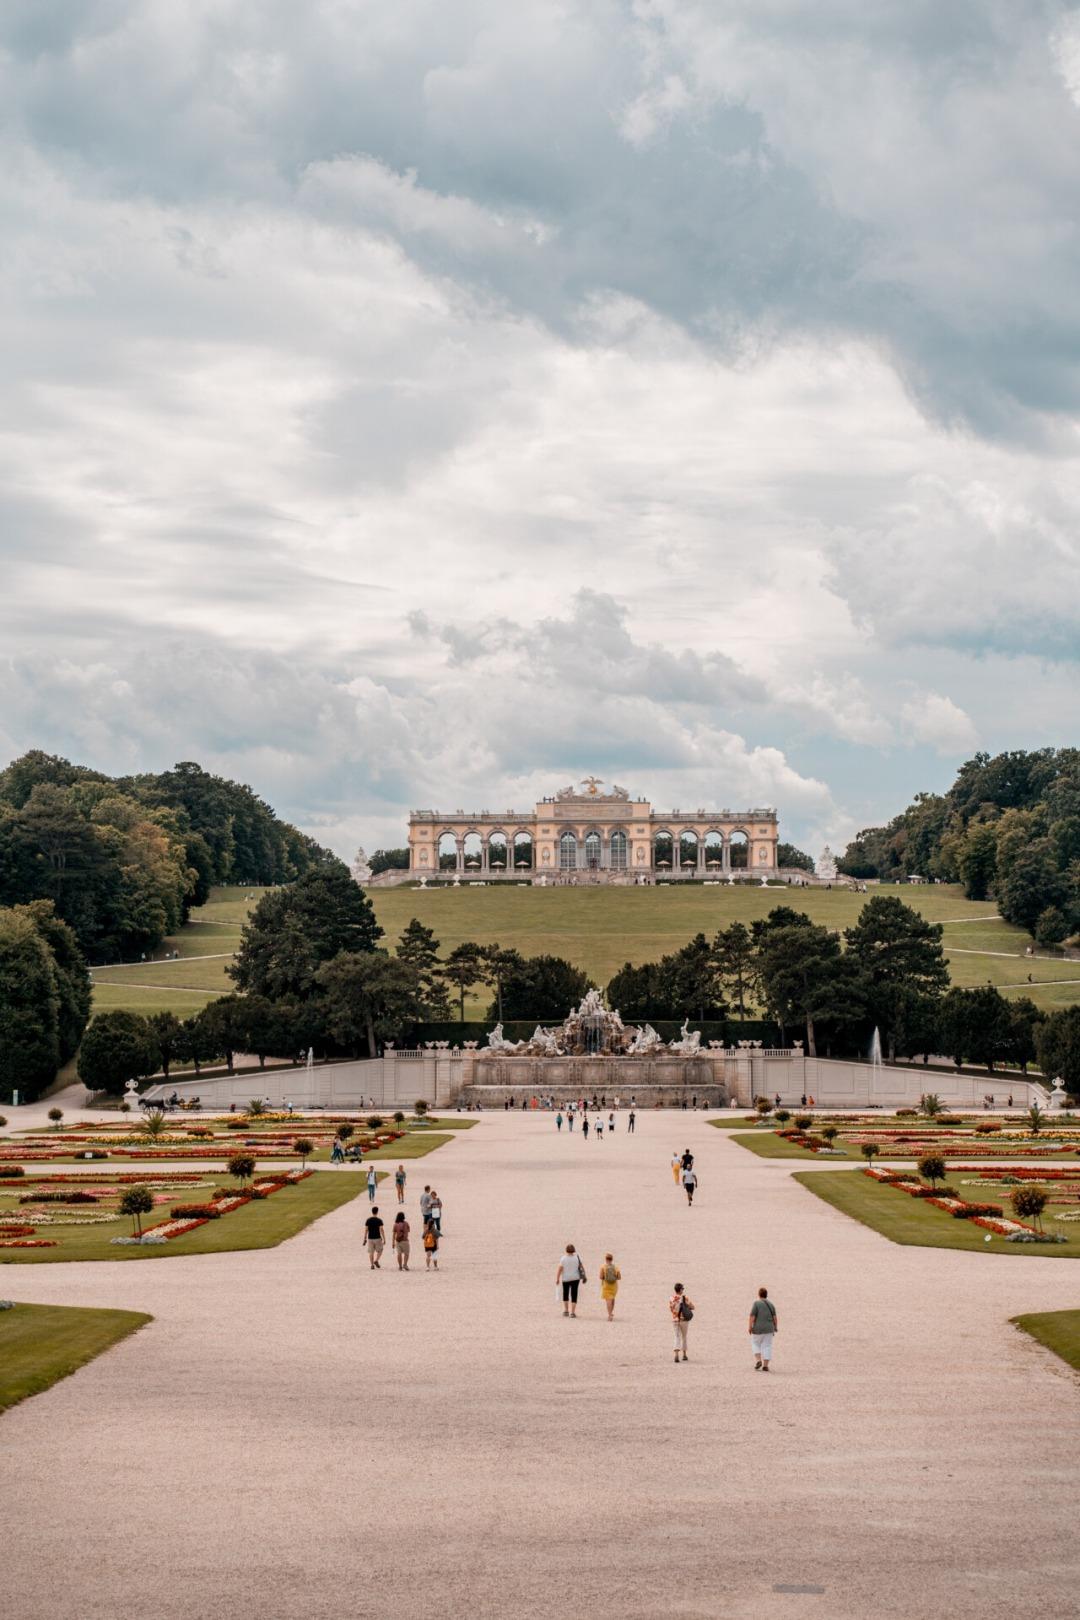 Wenen 048 - Doen in Wenen: 20 bezienswaardigheden & tips voor je stedentrip!